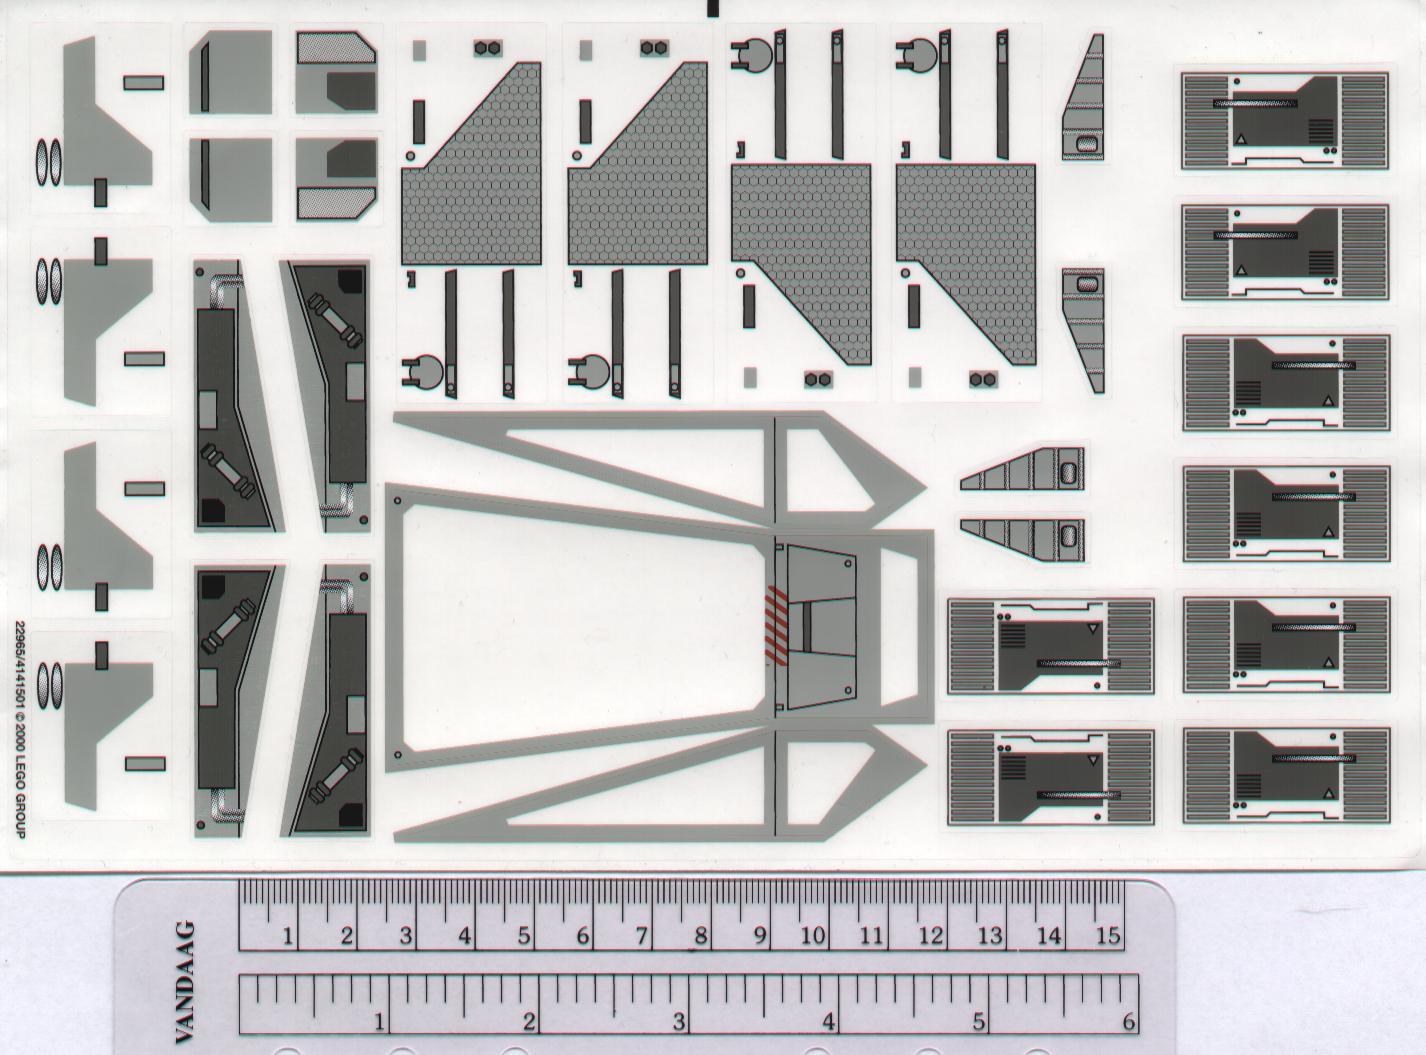 http://www.brickfactory.info/scans/0007000/7191/130.jpg